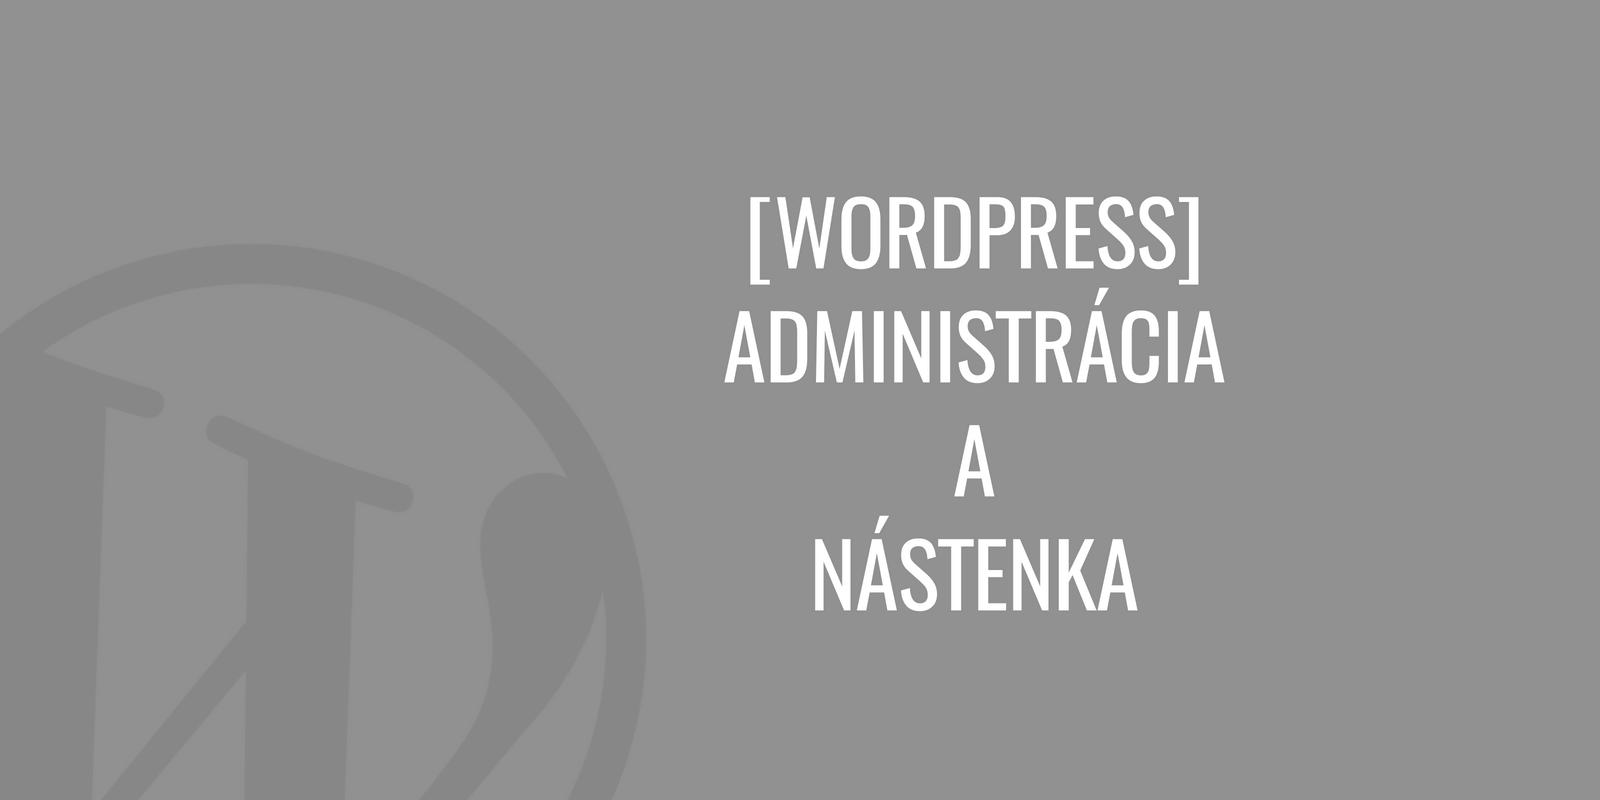 WordPress administrácia a nástenka